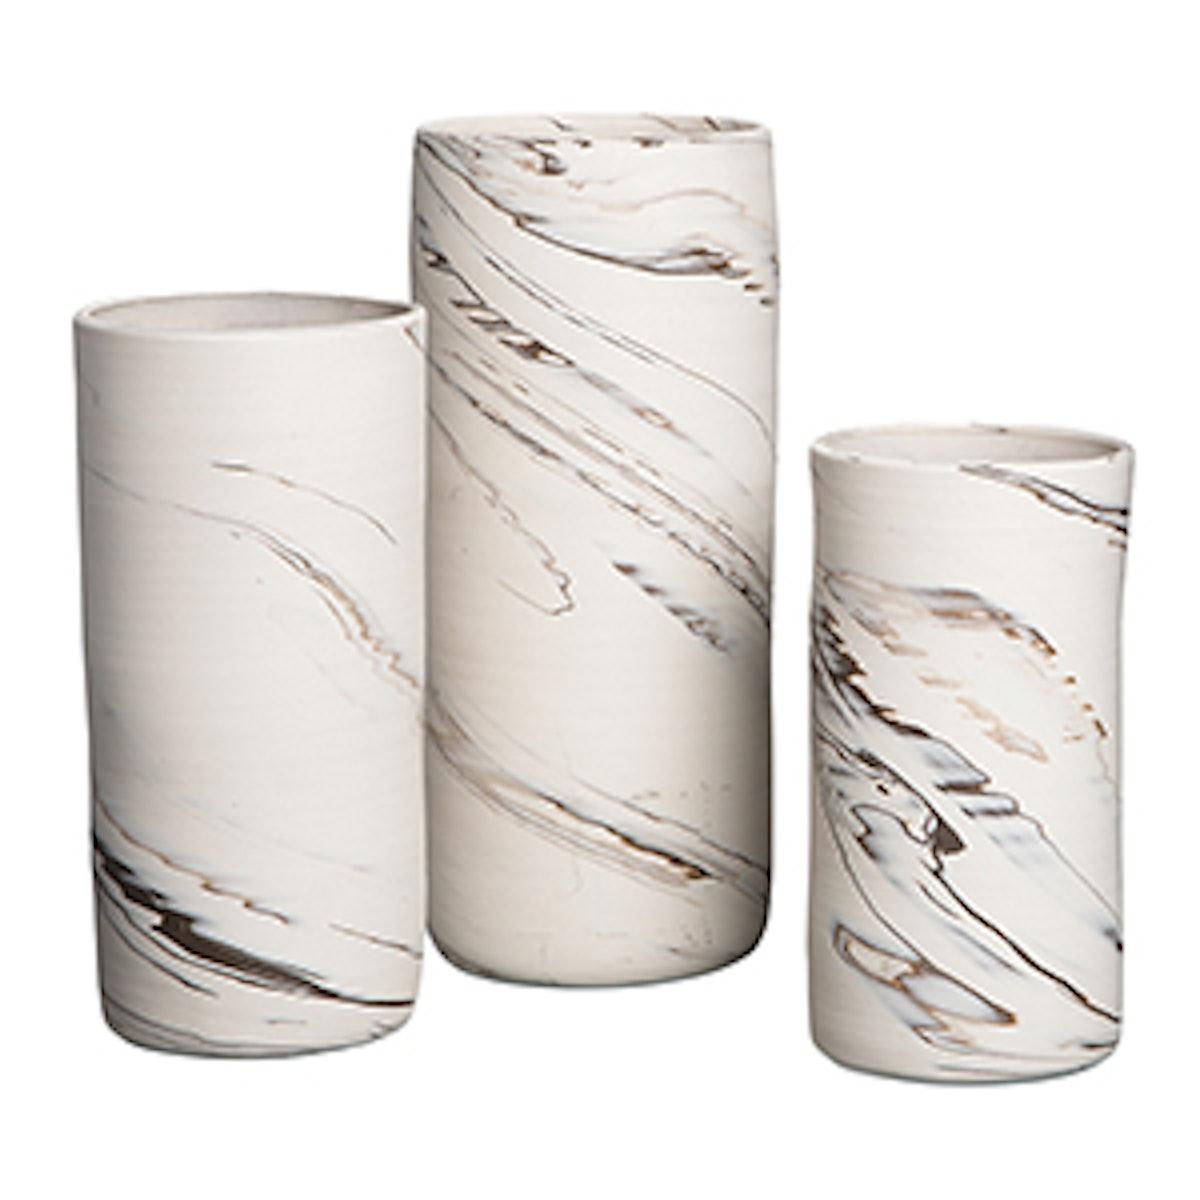 Agateware Porcelain Vases